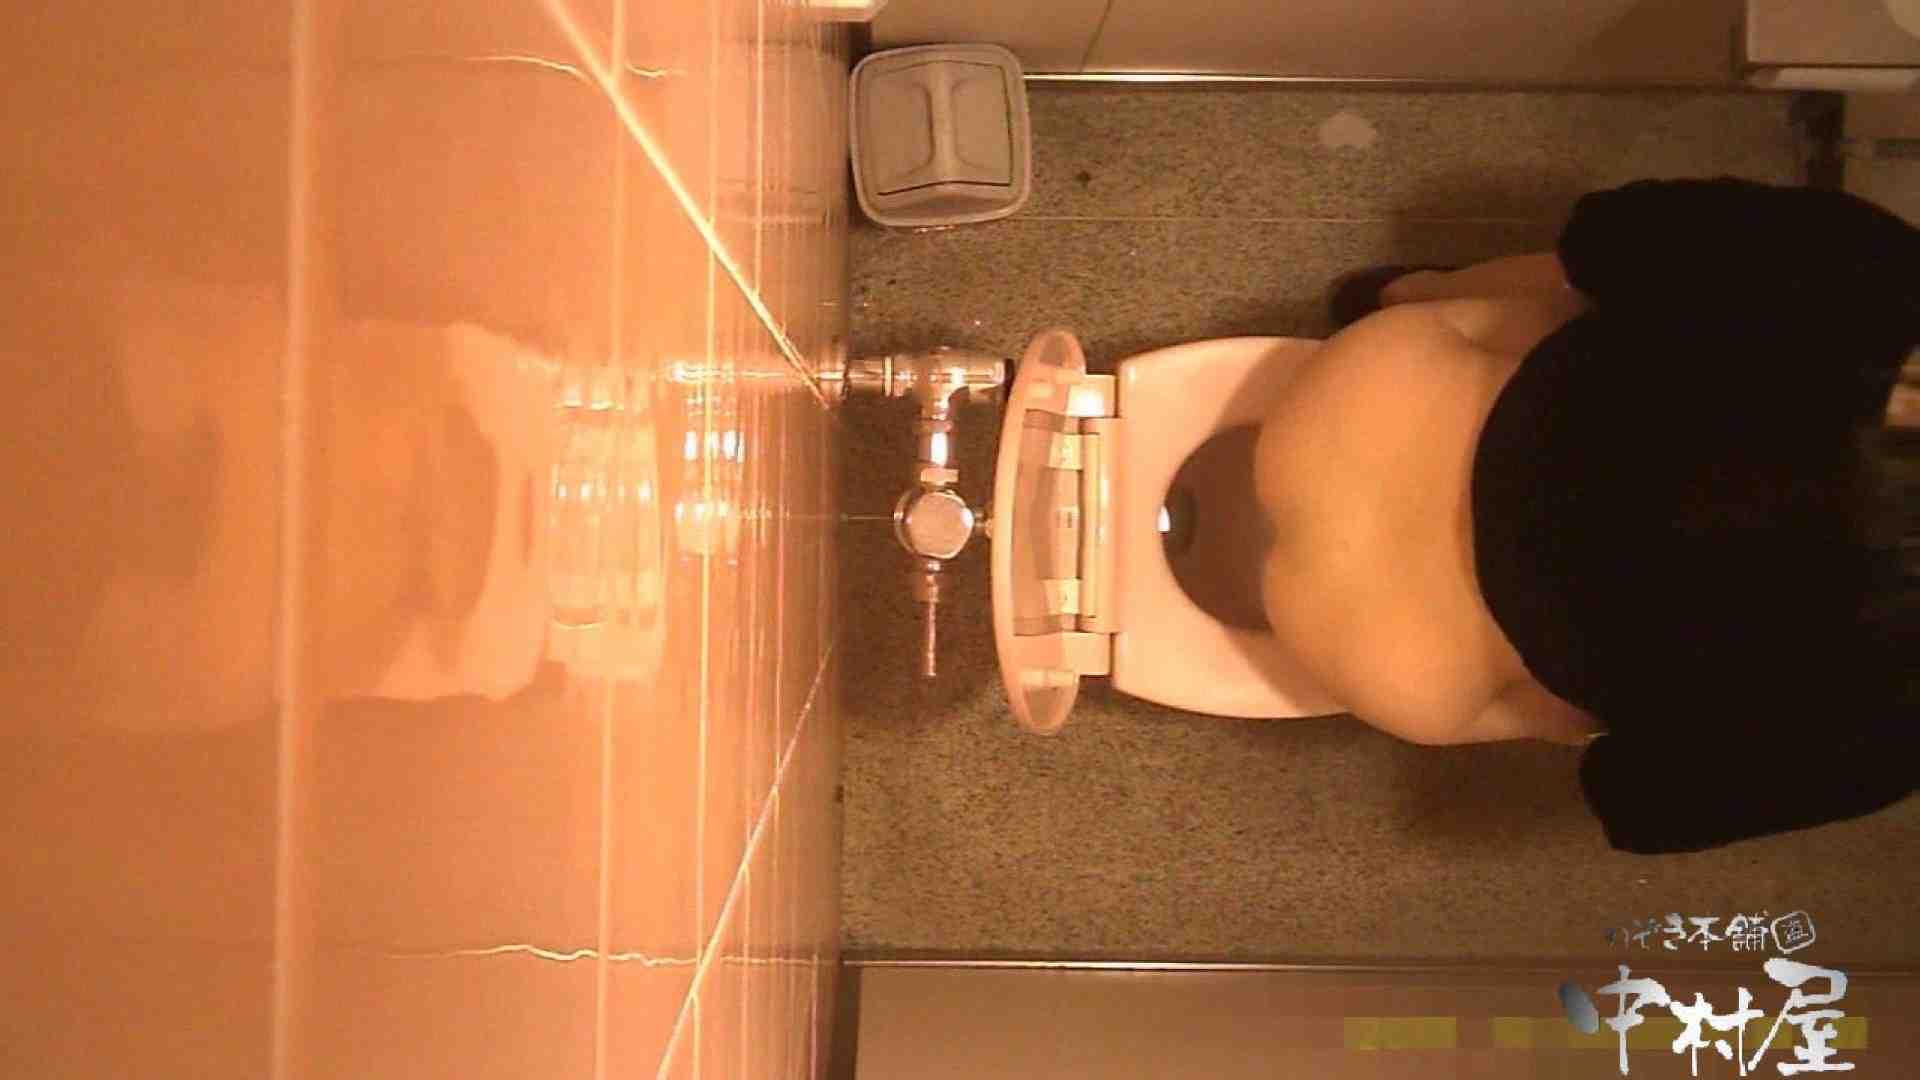 初盗撮!女盗撮師カレンさんの 潜入!女子トイレ盗撮!Vol.2 美女丸裸 のぞき動画画像 77pic 15